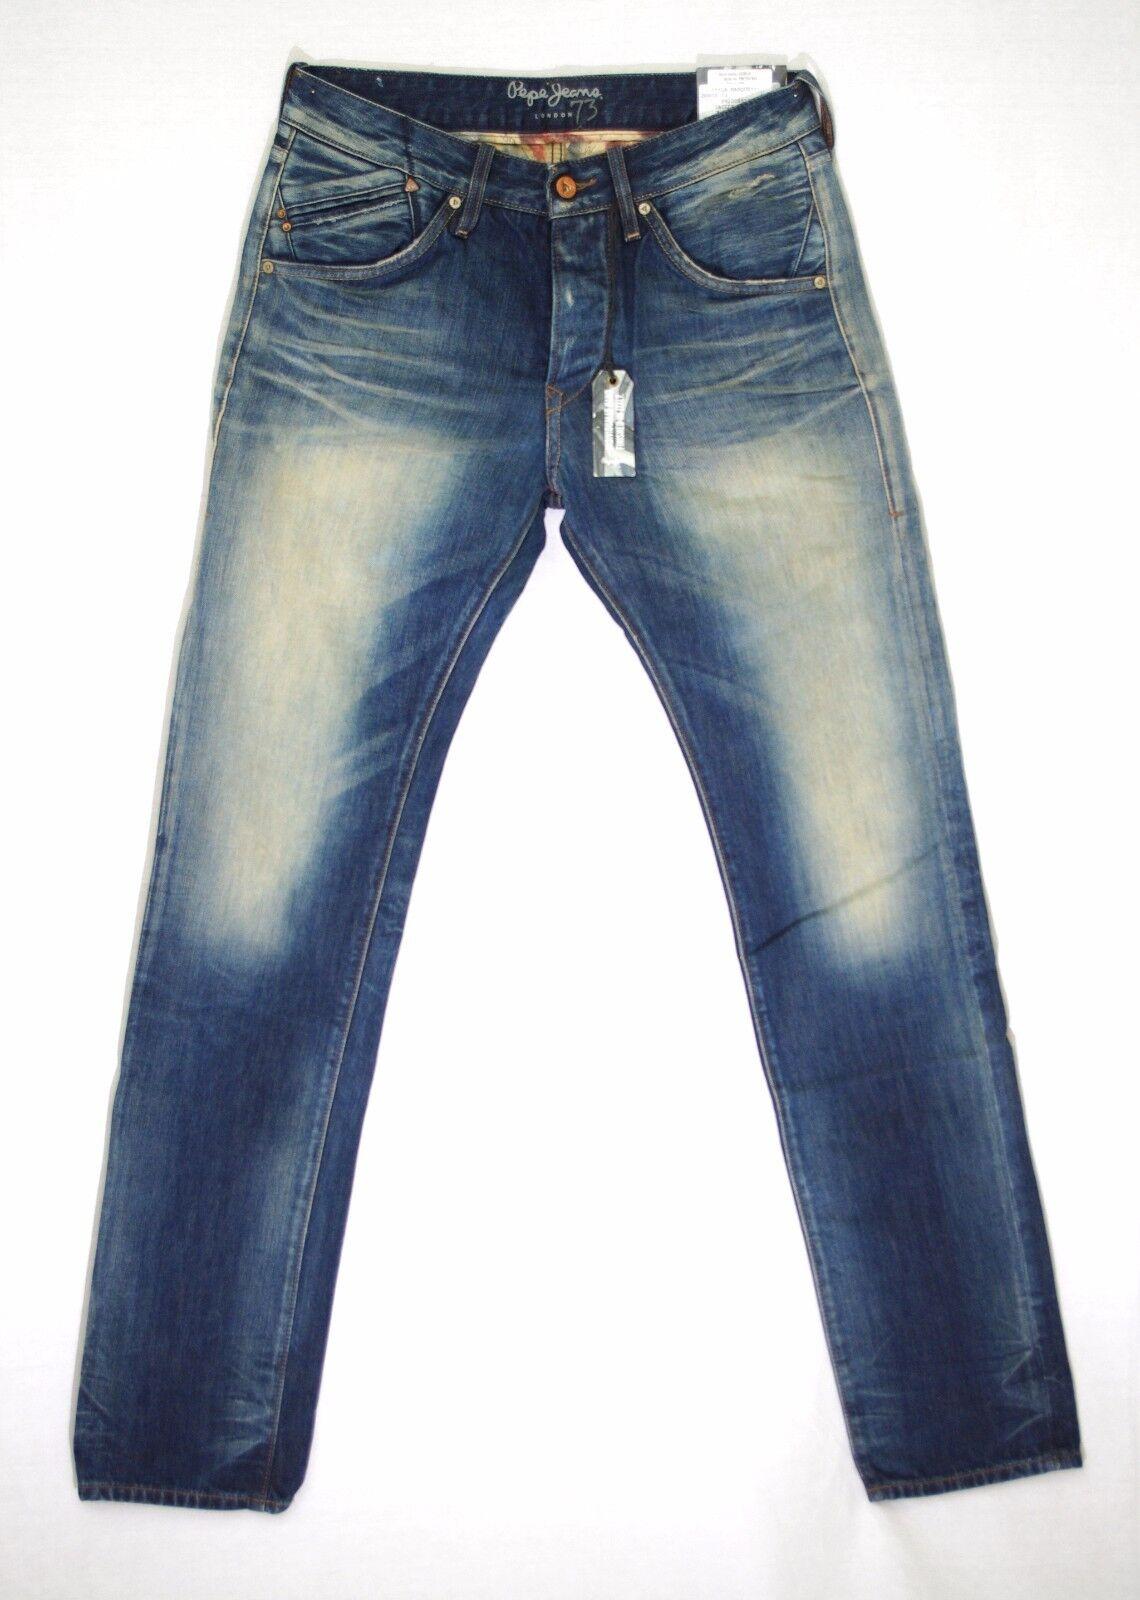 PEPE JEANS jeans droit DORUS 73 homme PM2008854 Straight leg size W 32 L 34